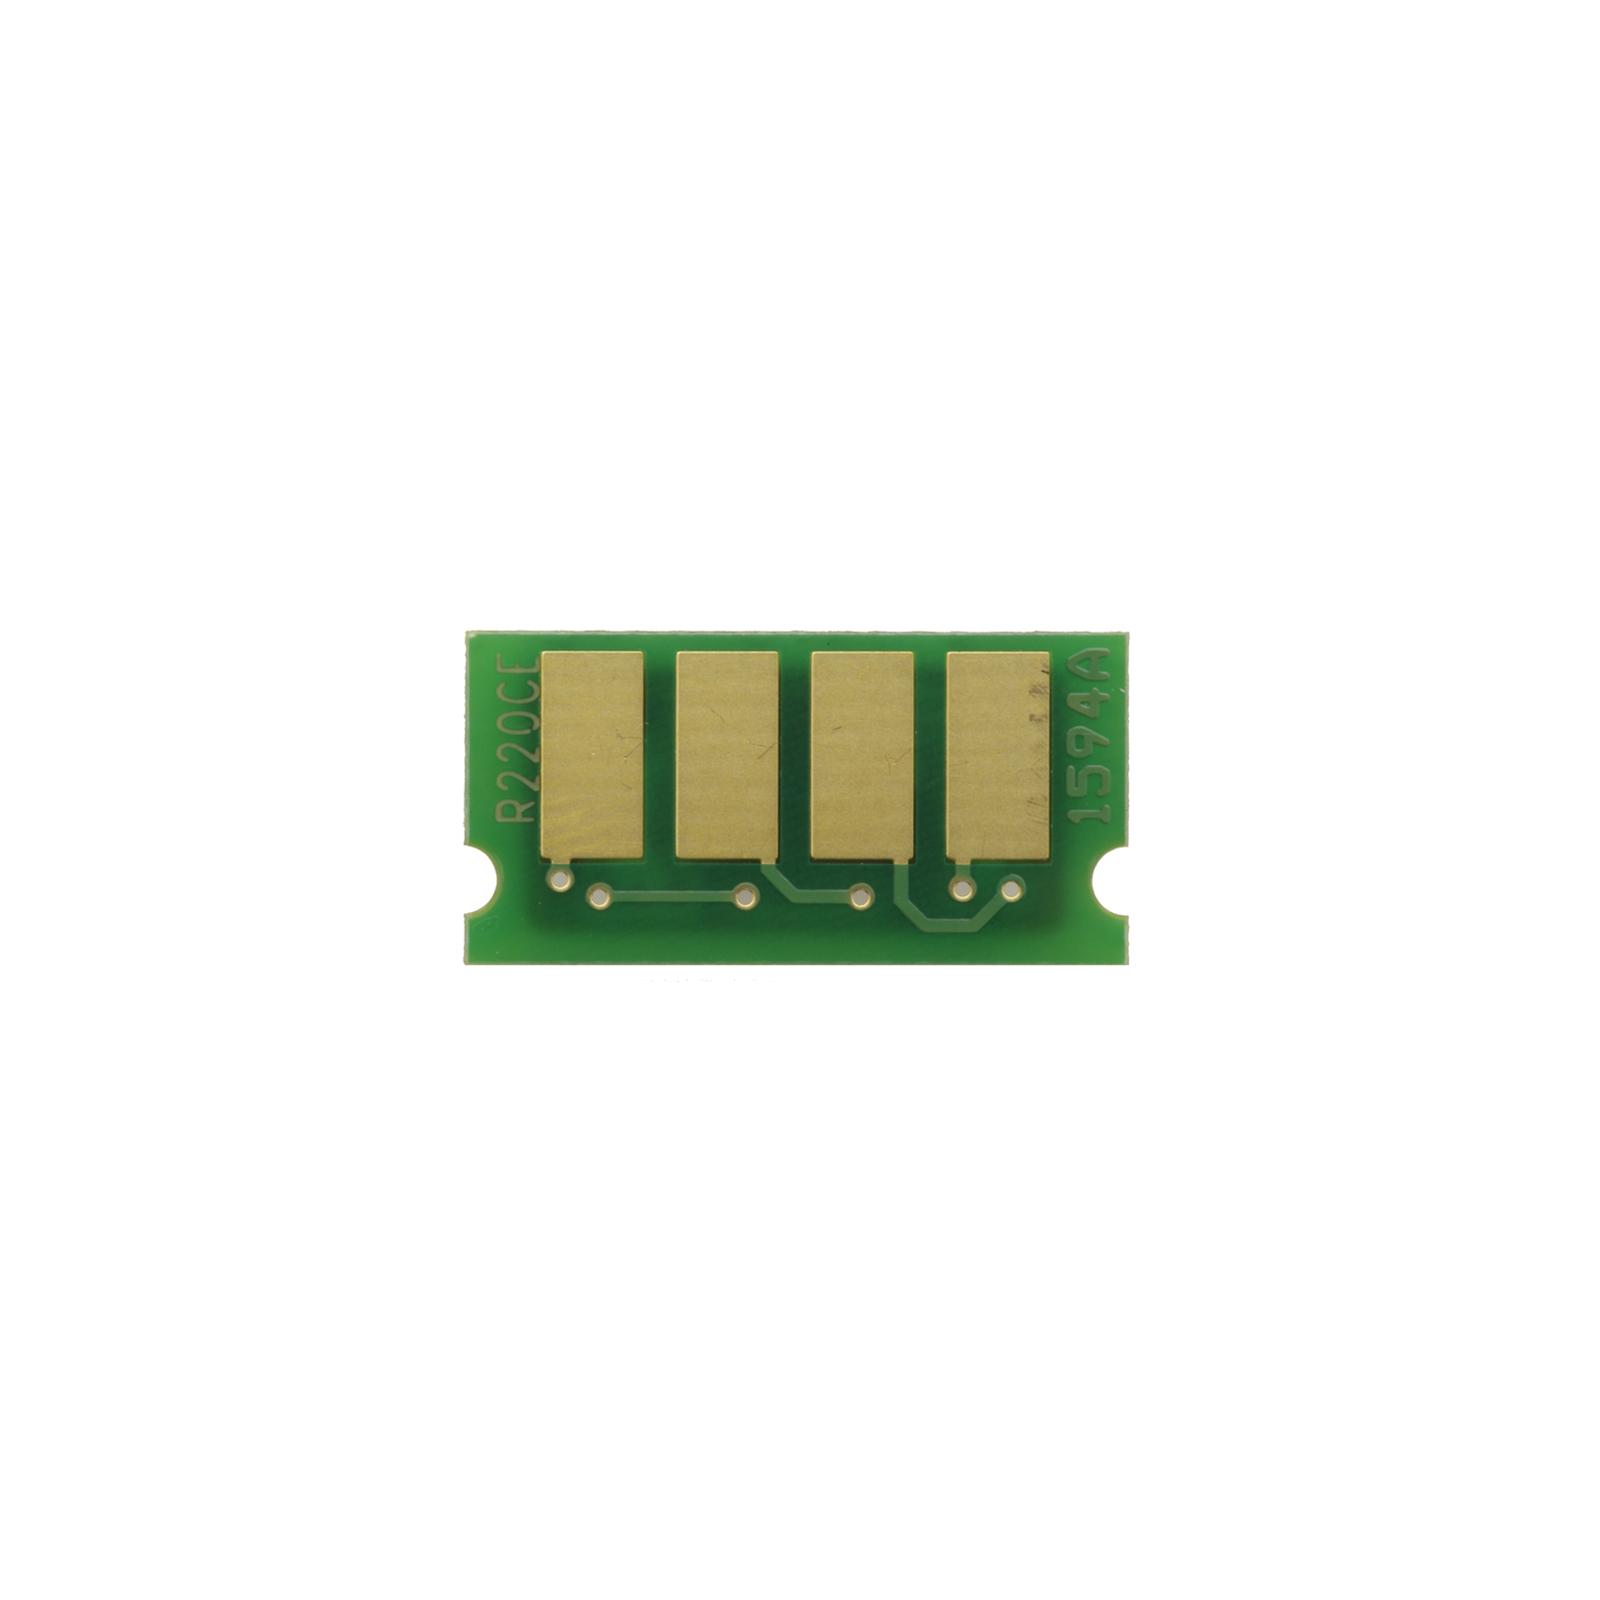 Чип для картриджа Ricoh Aficio SP C220 (406053) 2k cyan Static Control (RC220CP-CEU)